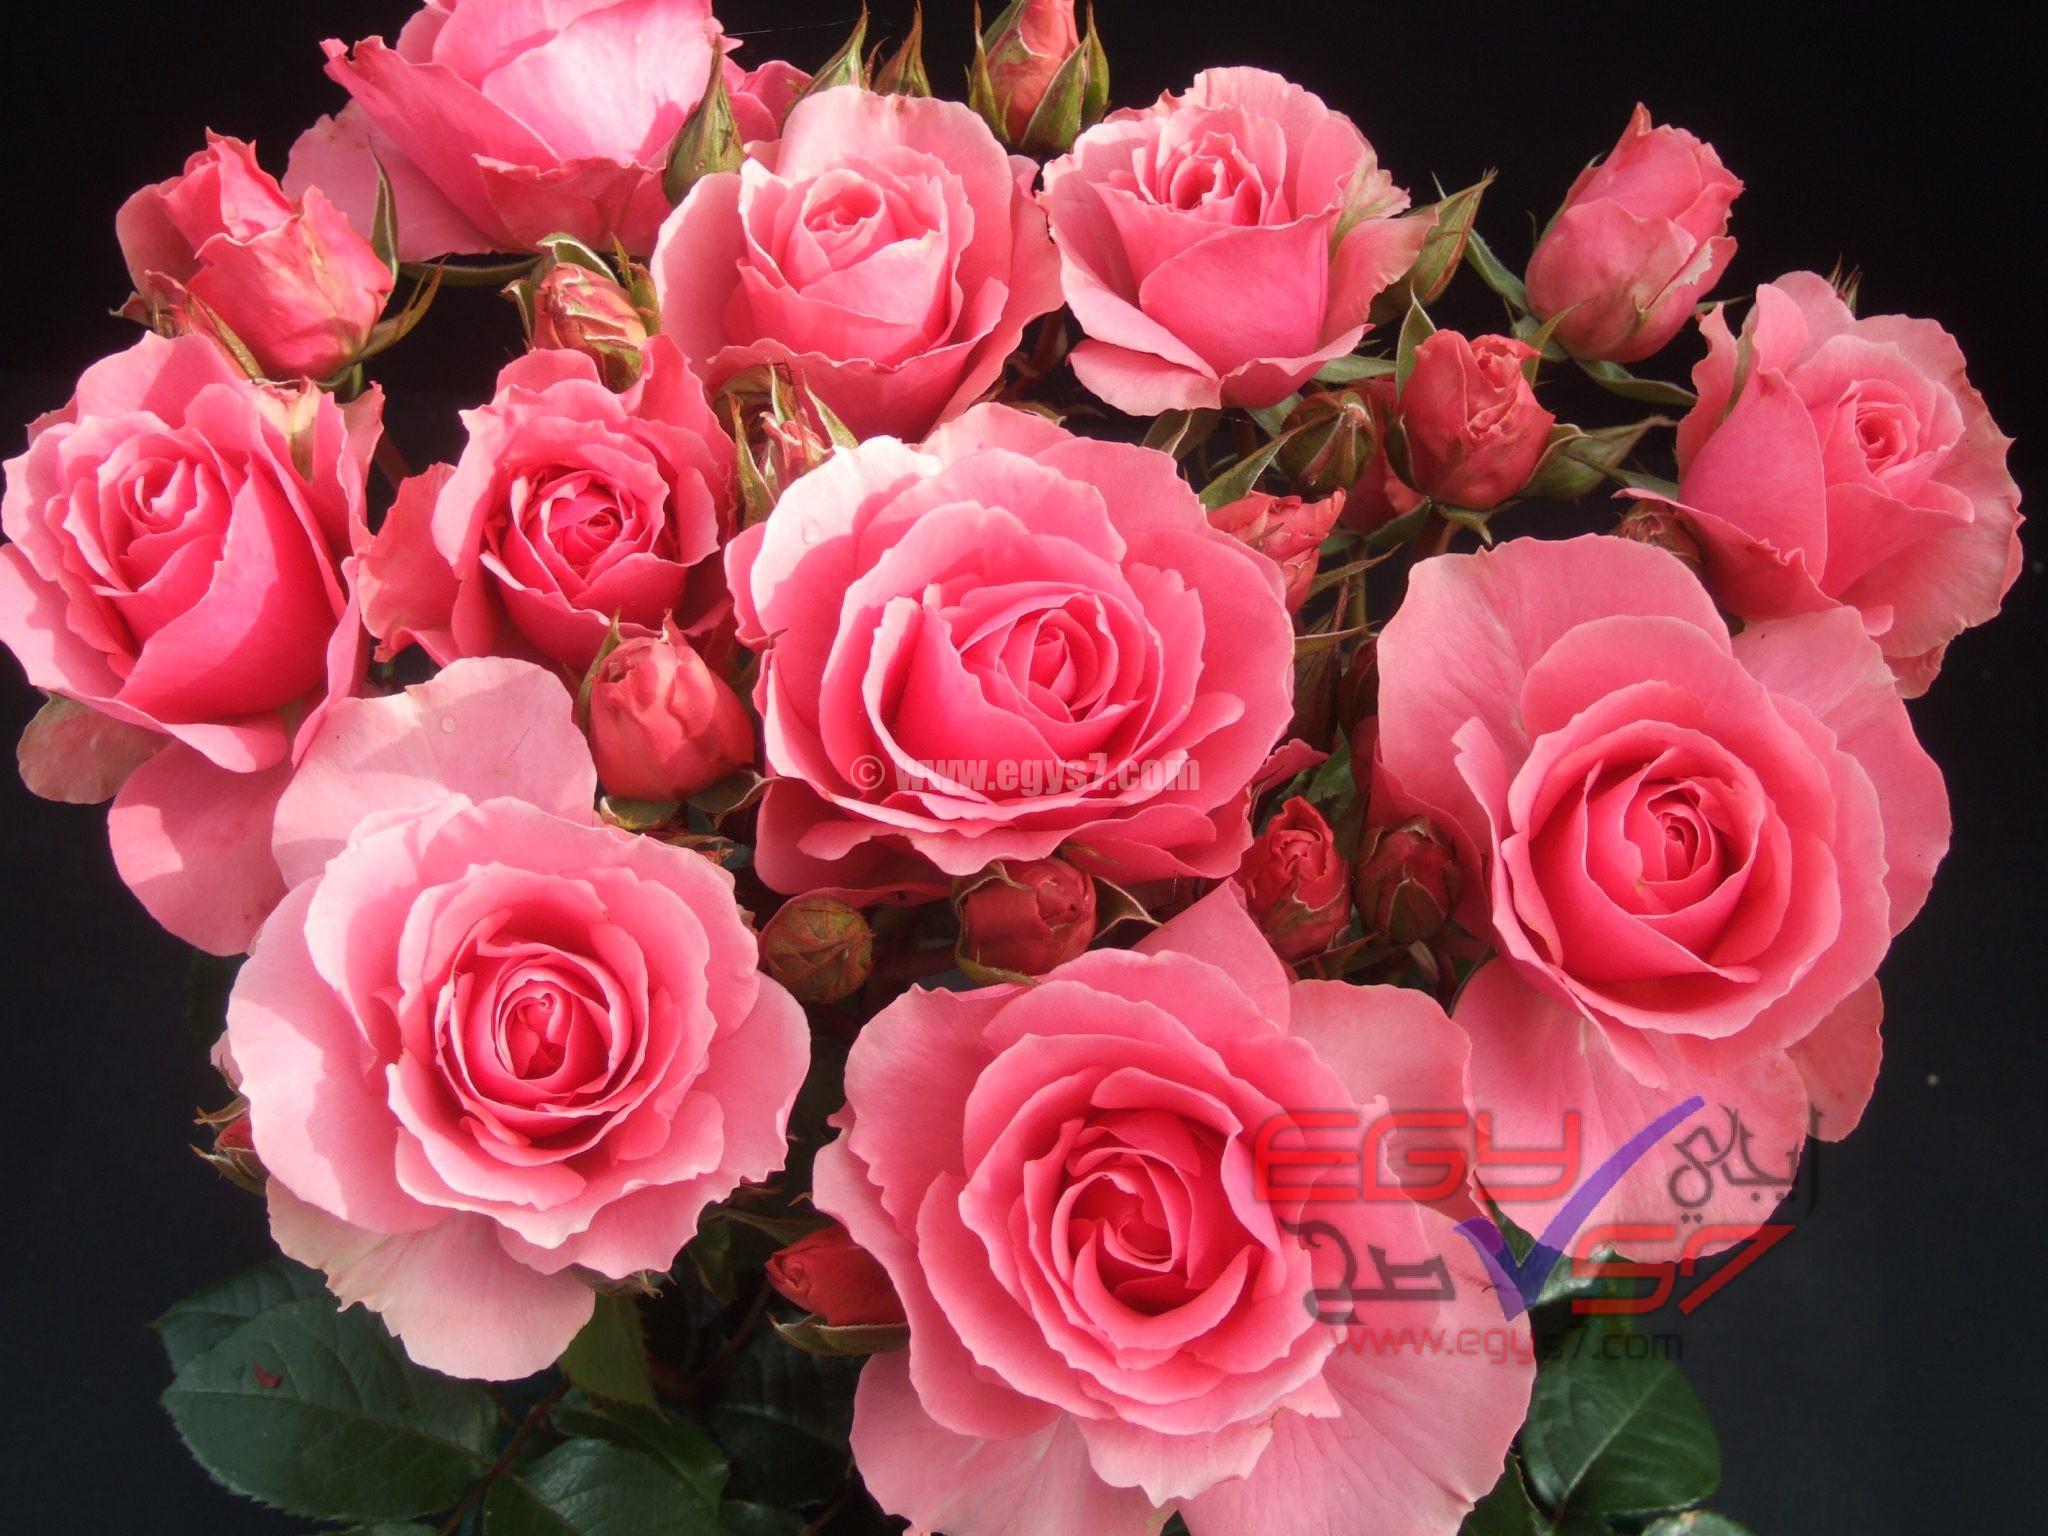 صورة صور ورد جميل , اجمل اشكال الورود في الصباح 2022 6